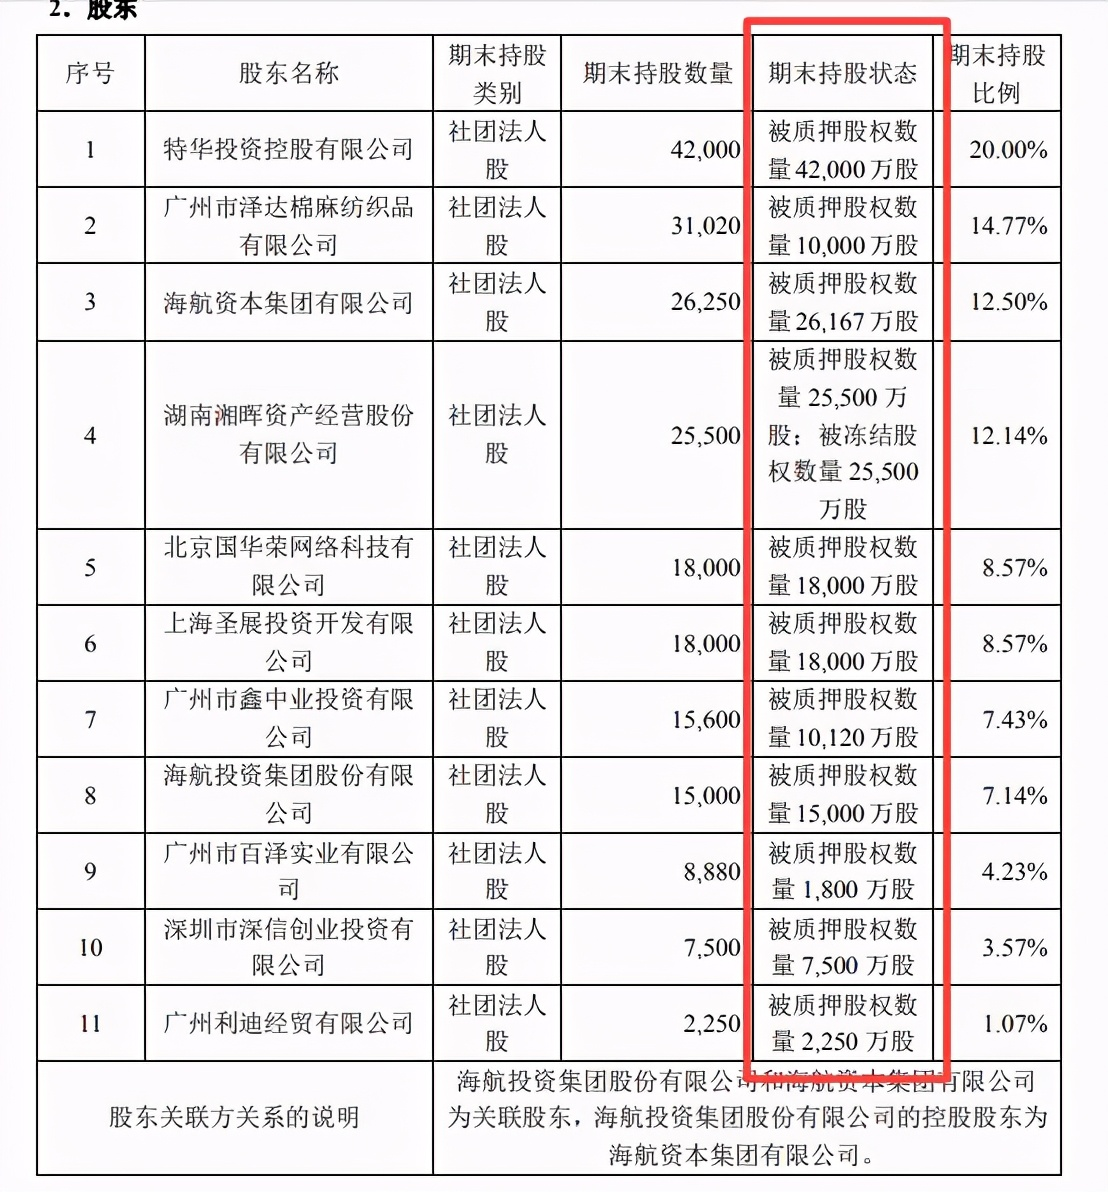 华安保险年内业务多次违规罚超百万 股权质押比例升至84%